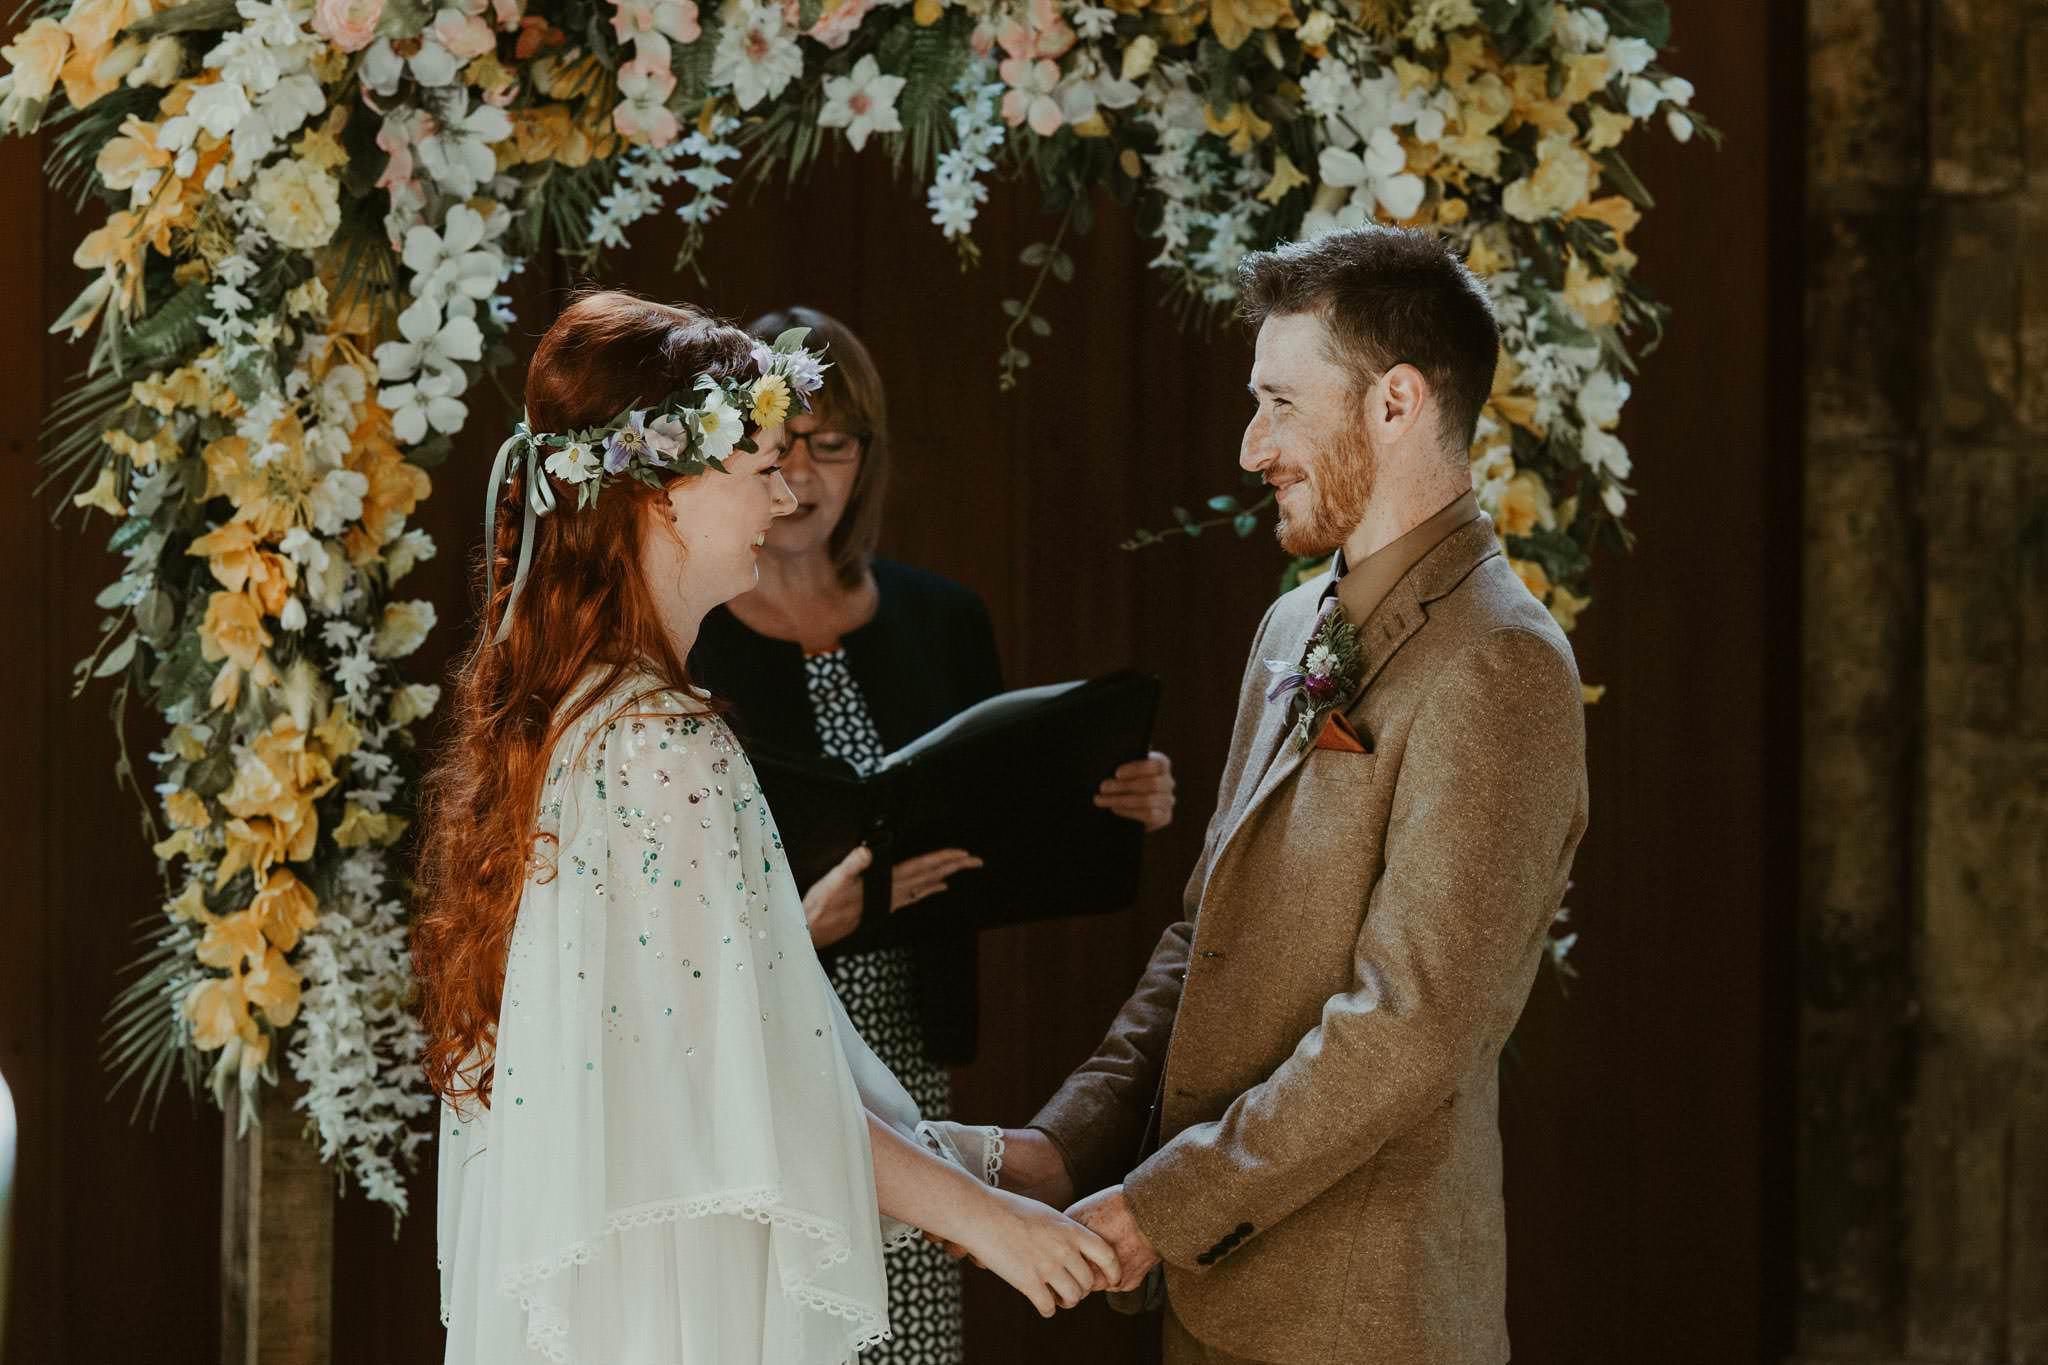 scottish-wedding-photography-071